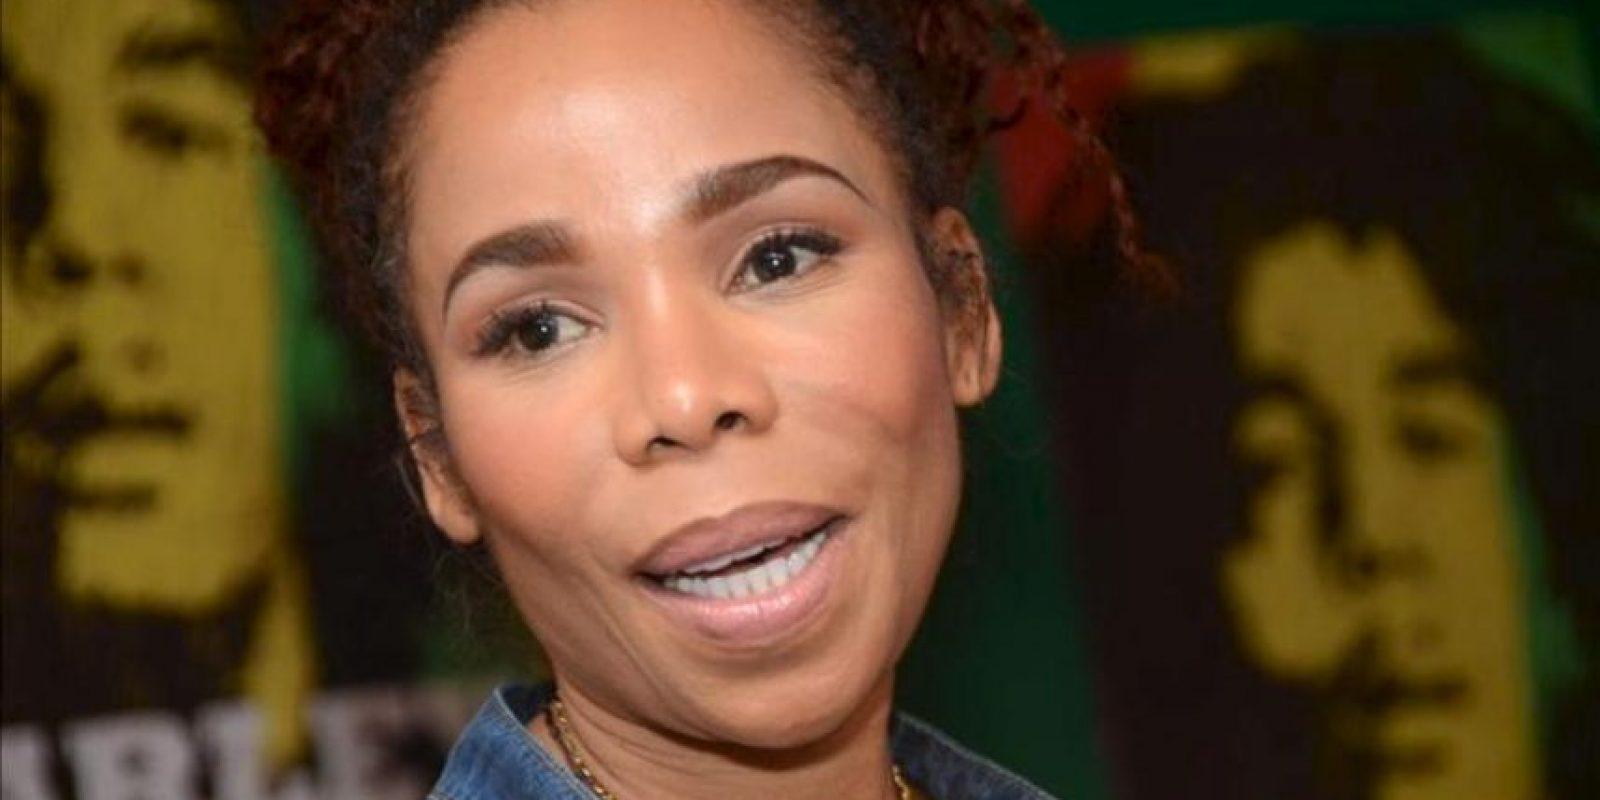 Cedella Marley, una de los doce hijos del músico jamaicano Bob Marley, participa en una rueda de prensa en Kingston (Jamaica), sobre un documental autorizado de la vida de su padre que llegará a las pantallas de Norteamérica el próximo viernes. EFE